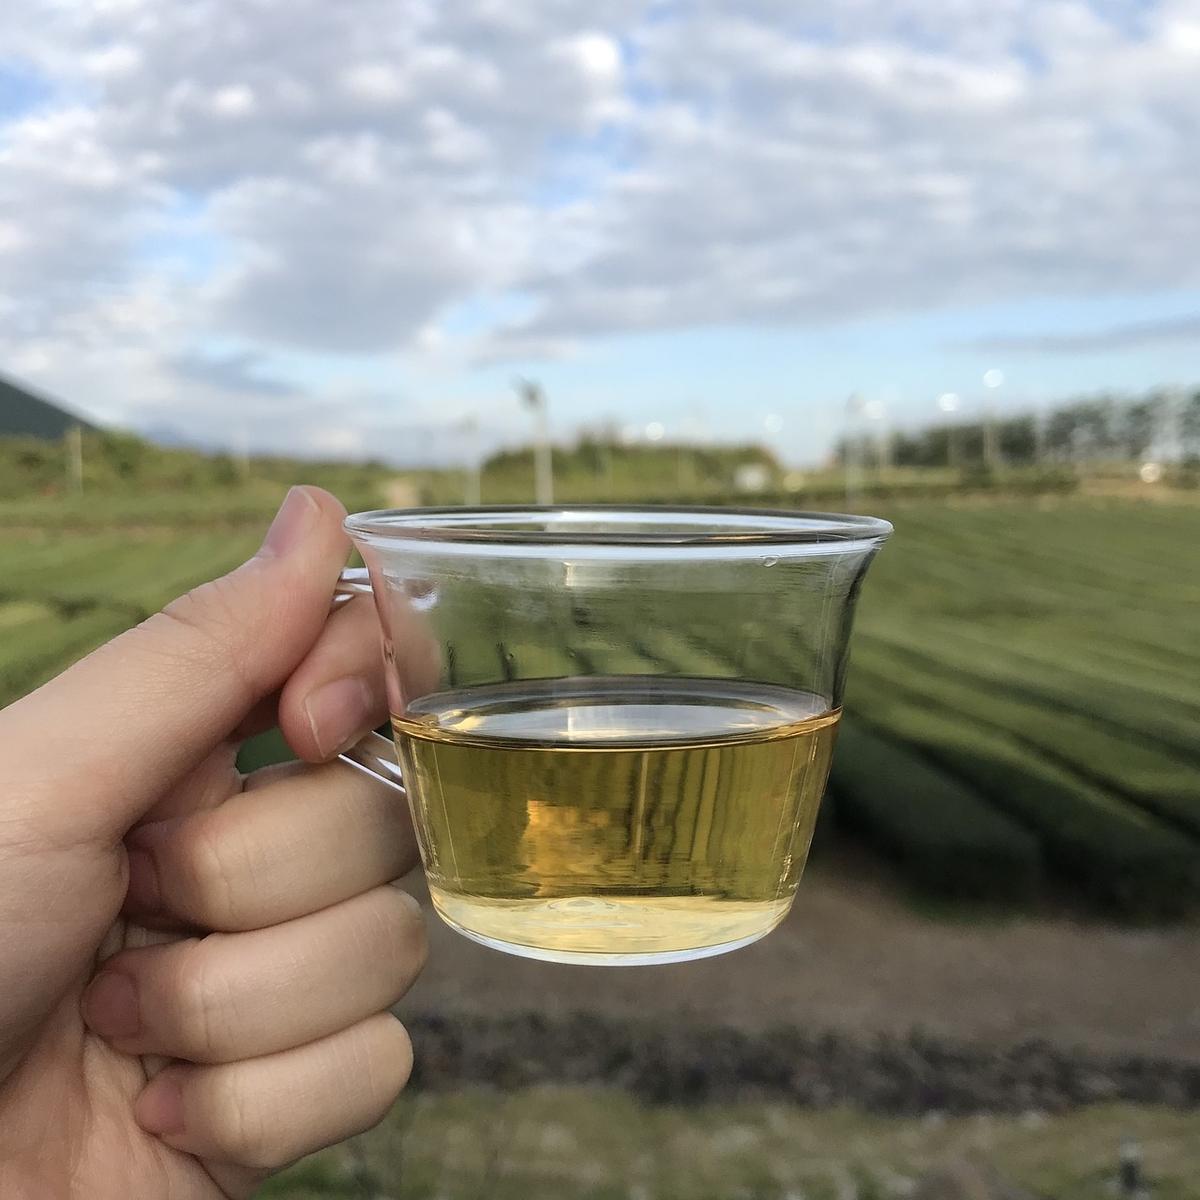 緑茶がガラスカップに入っている画像